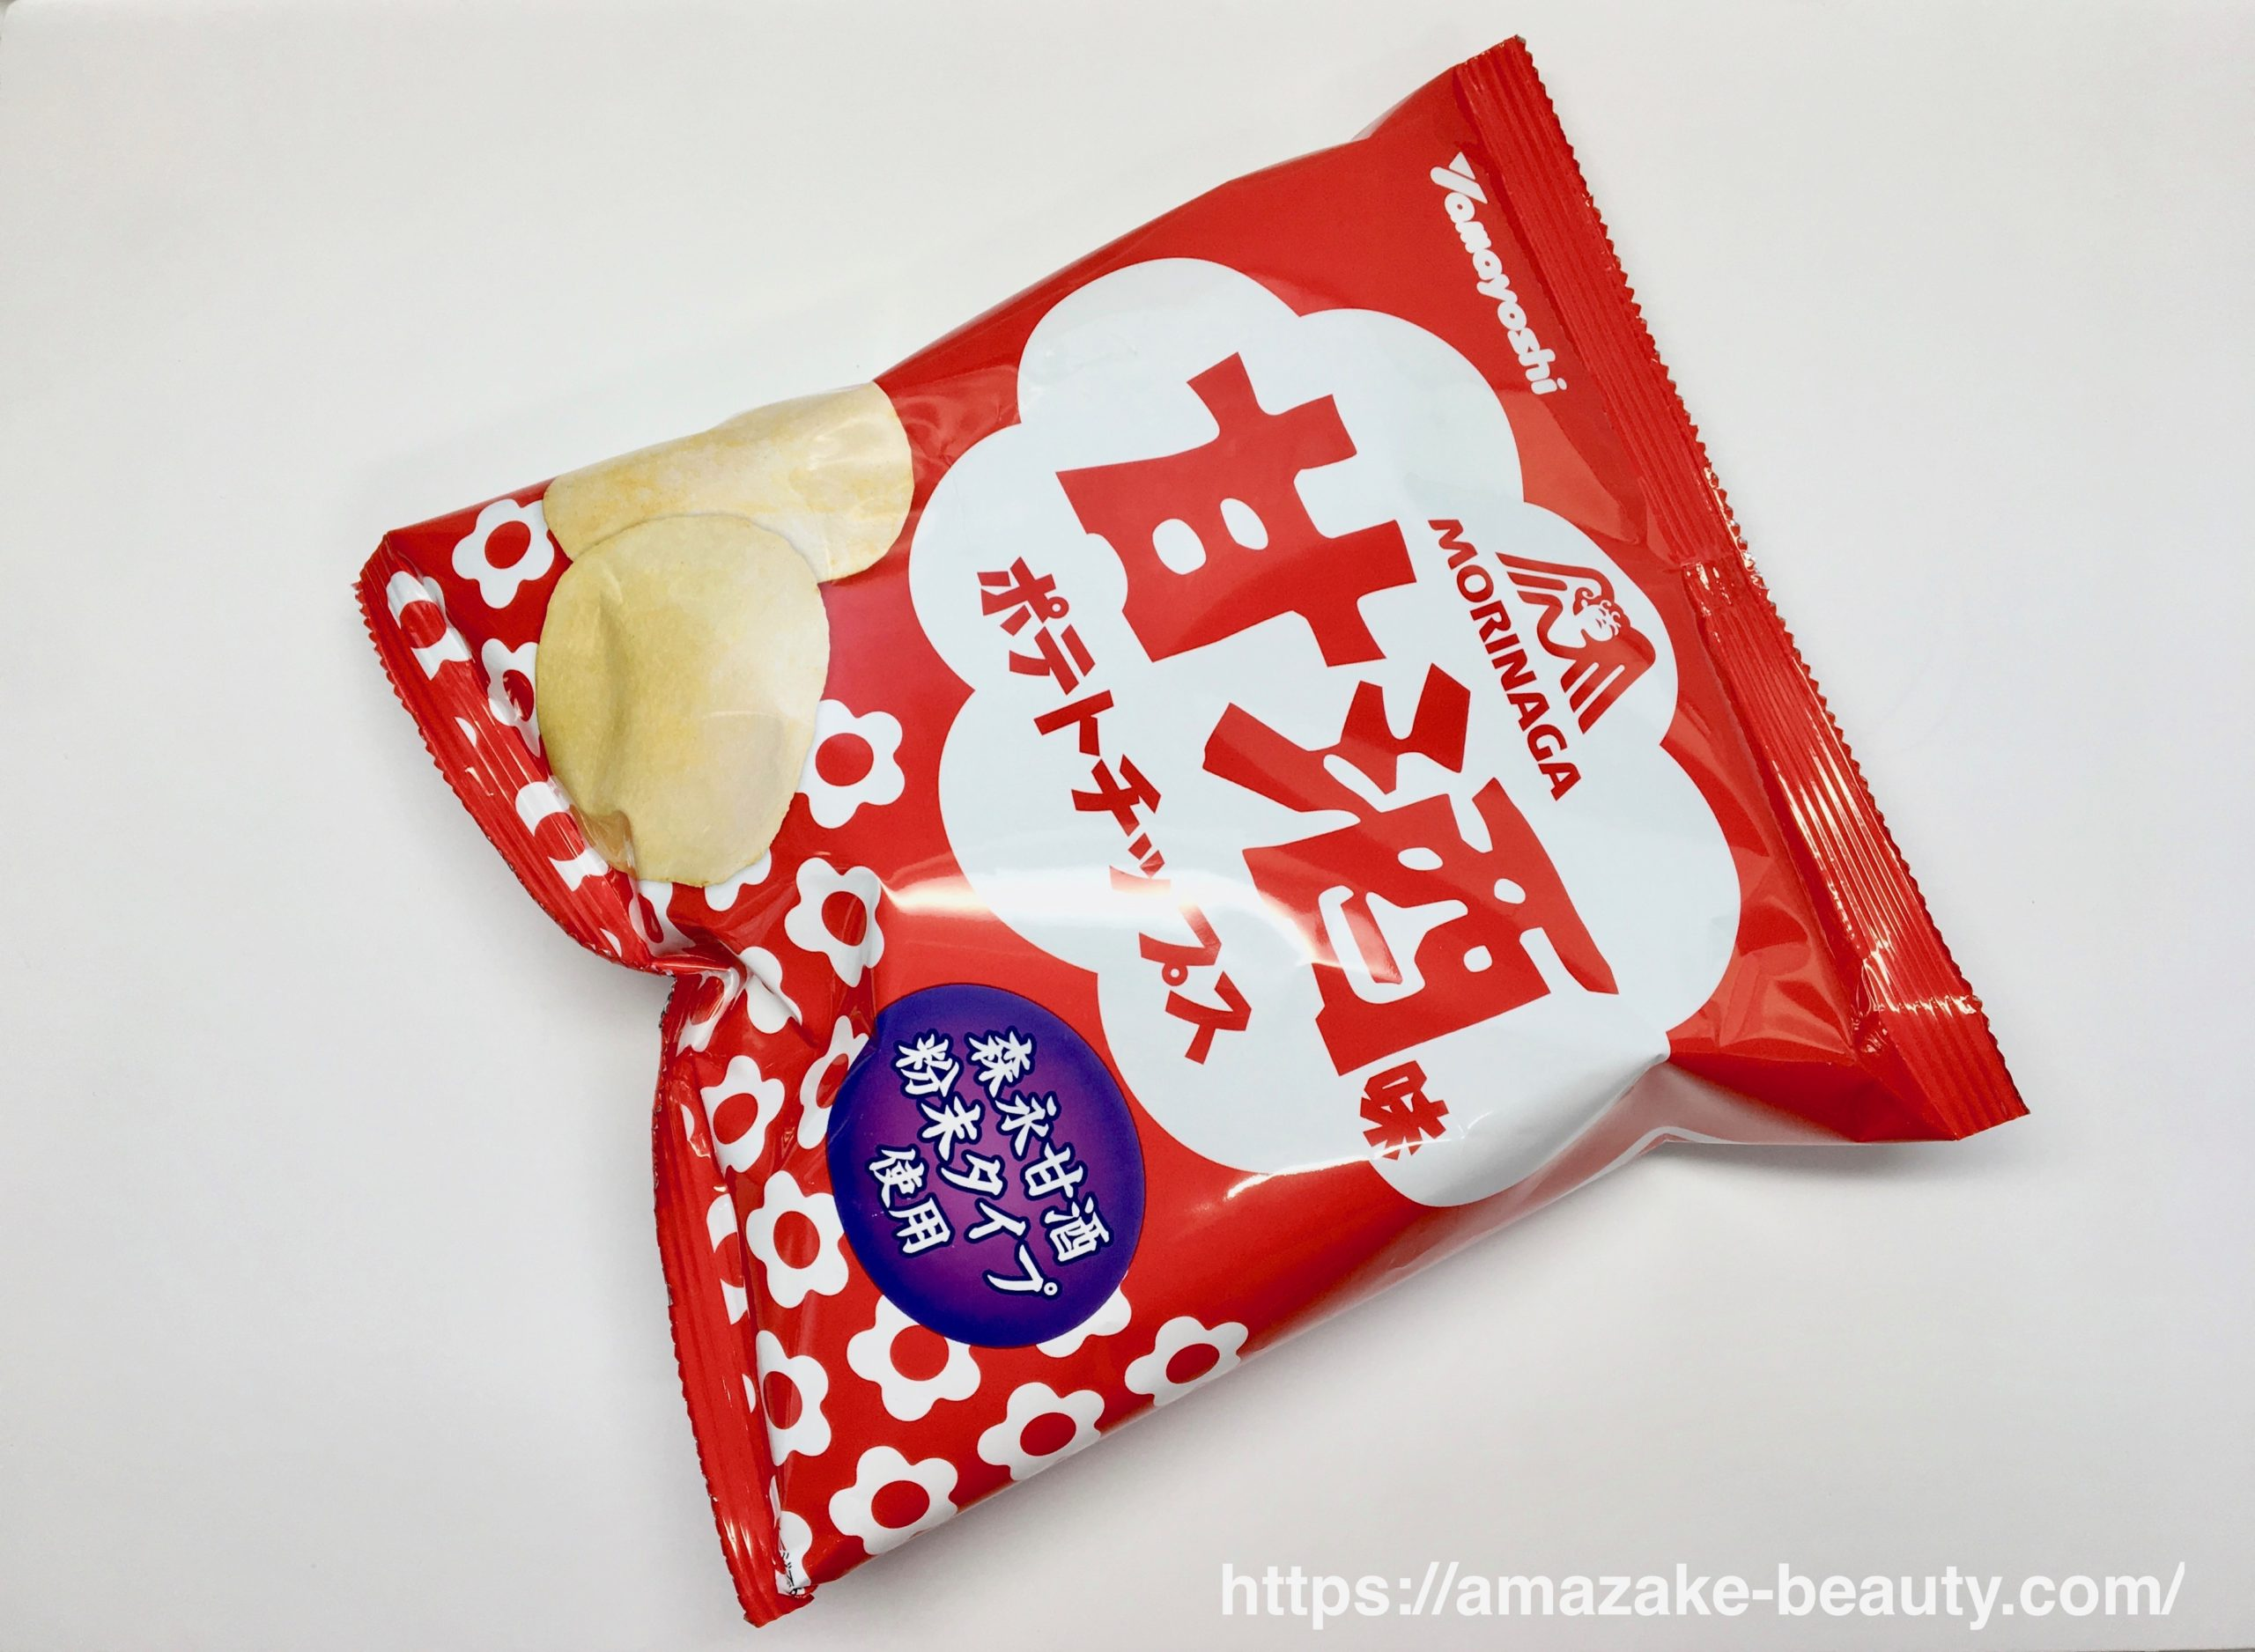 【甘酒甘味】山芳製菓『ポテトチップス甘酒味』